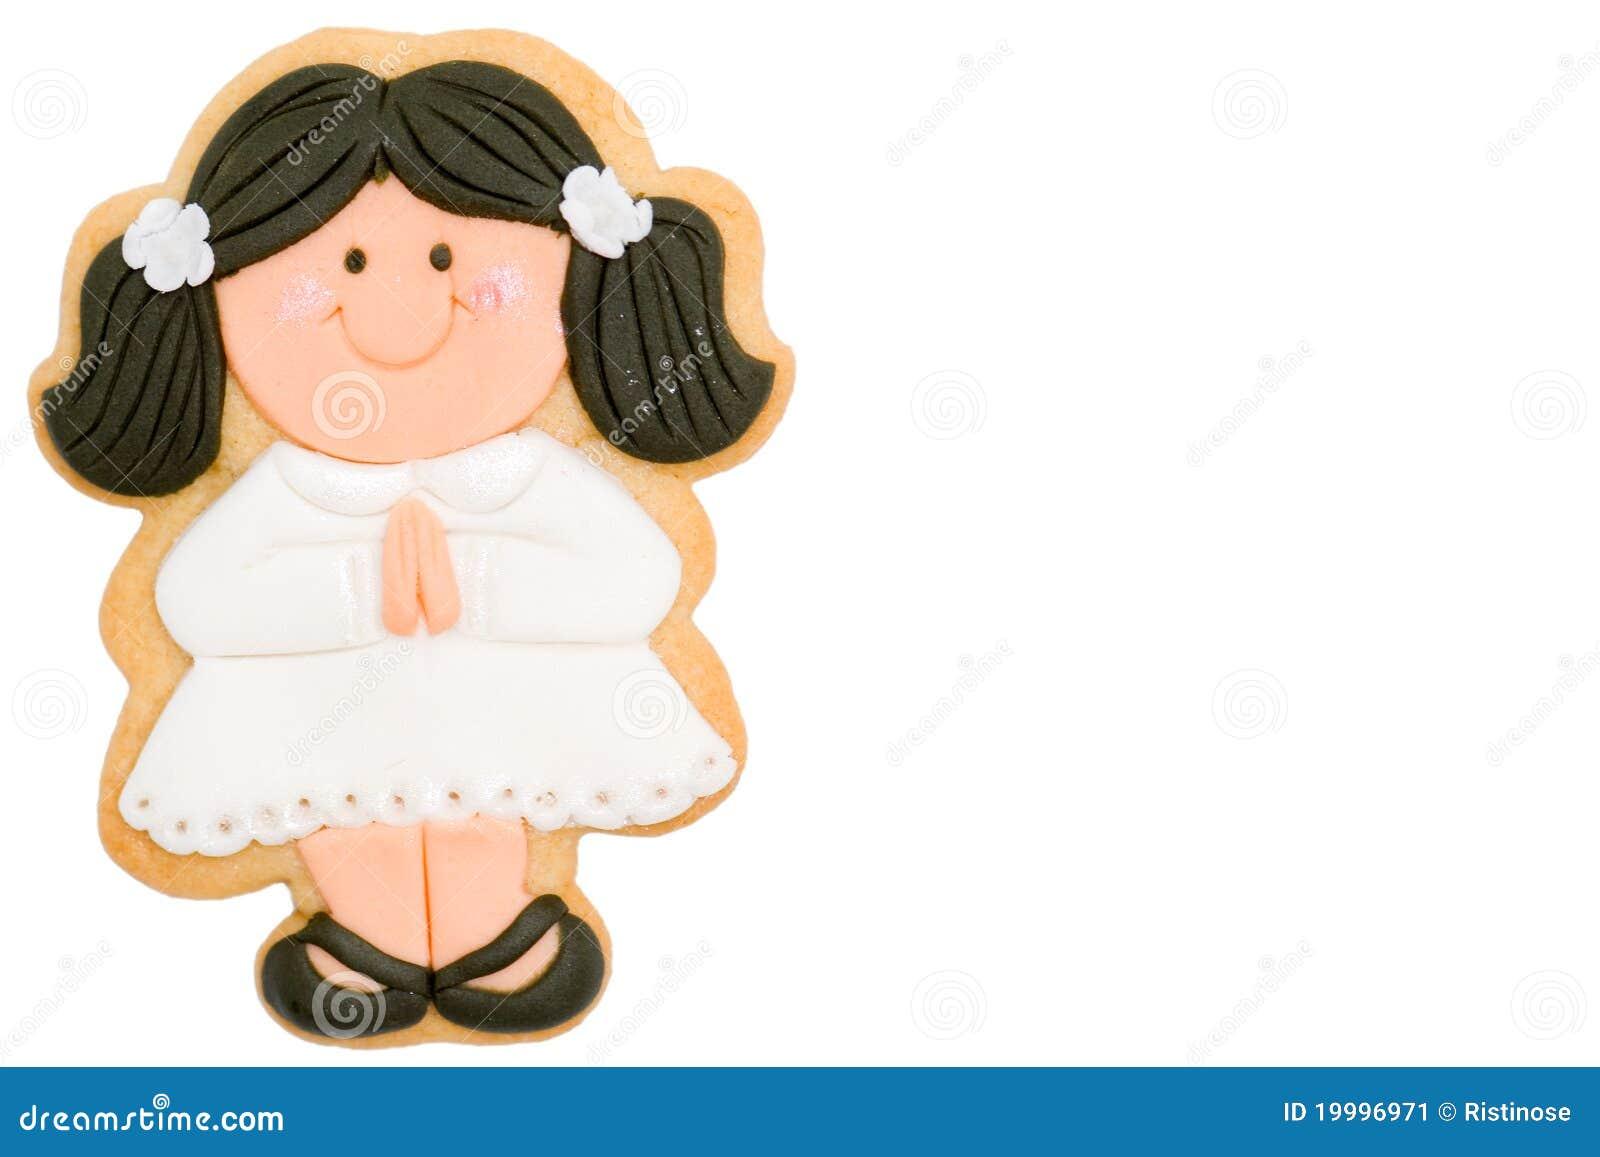 圣餐第一个女孩提示图片